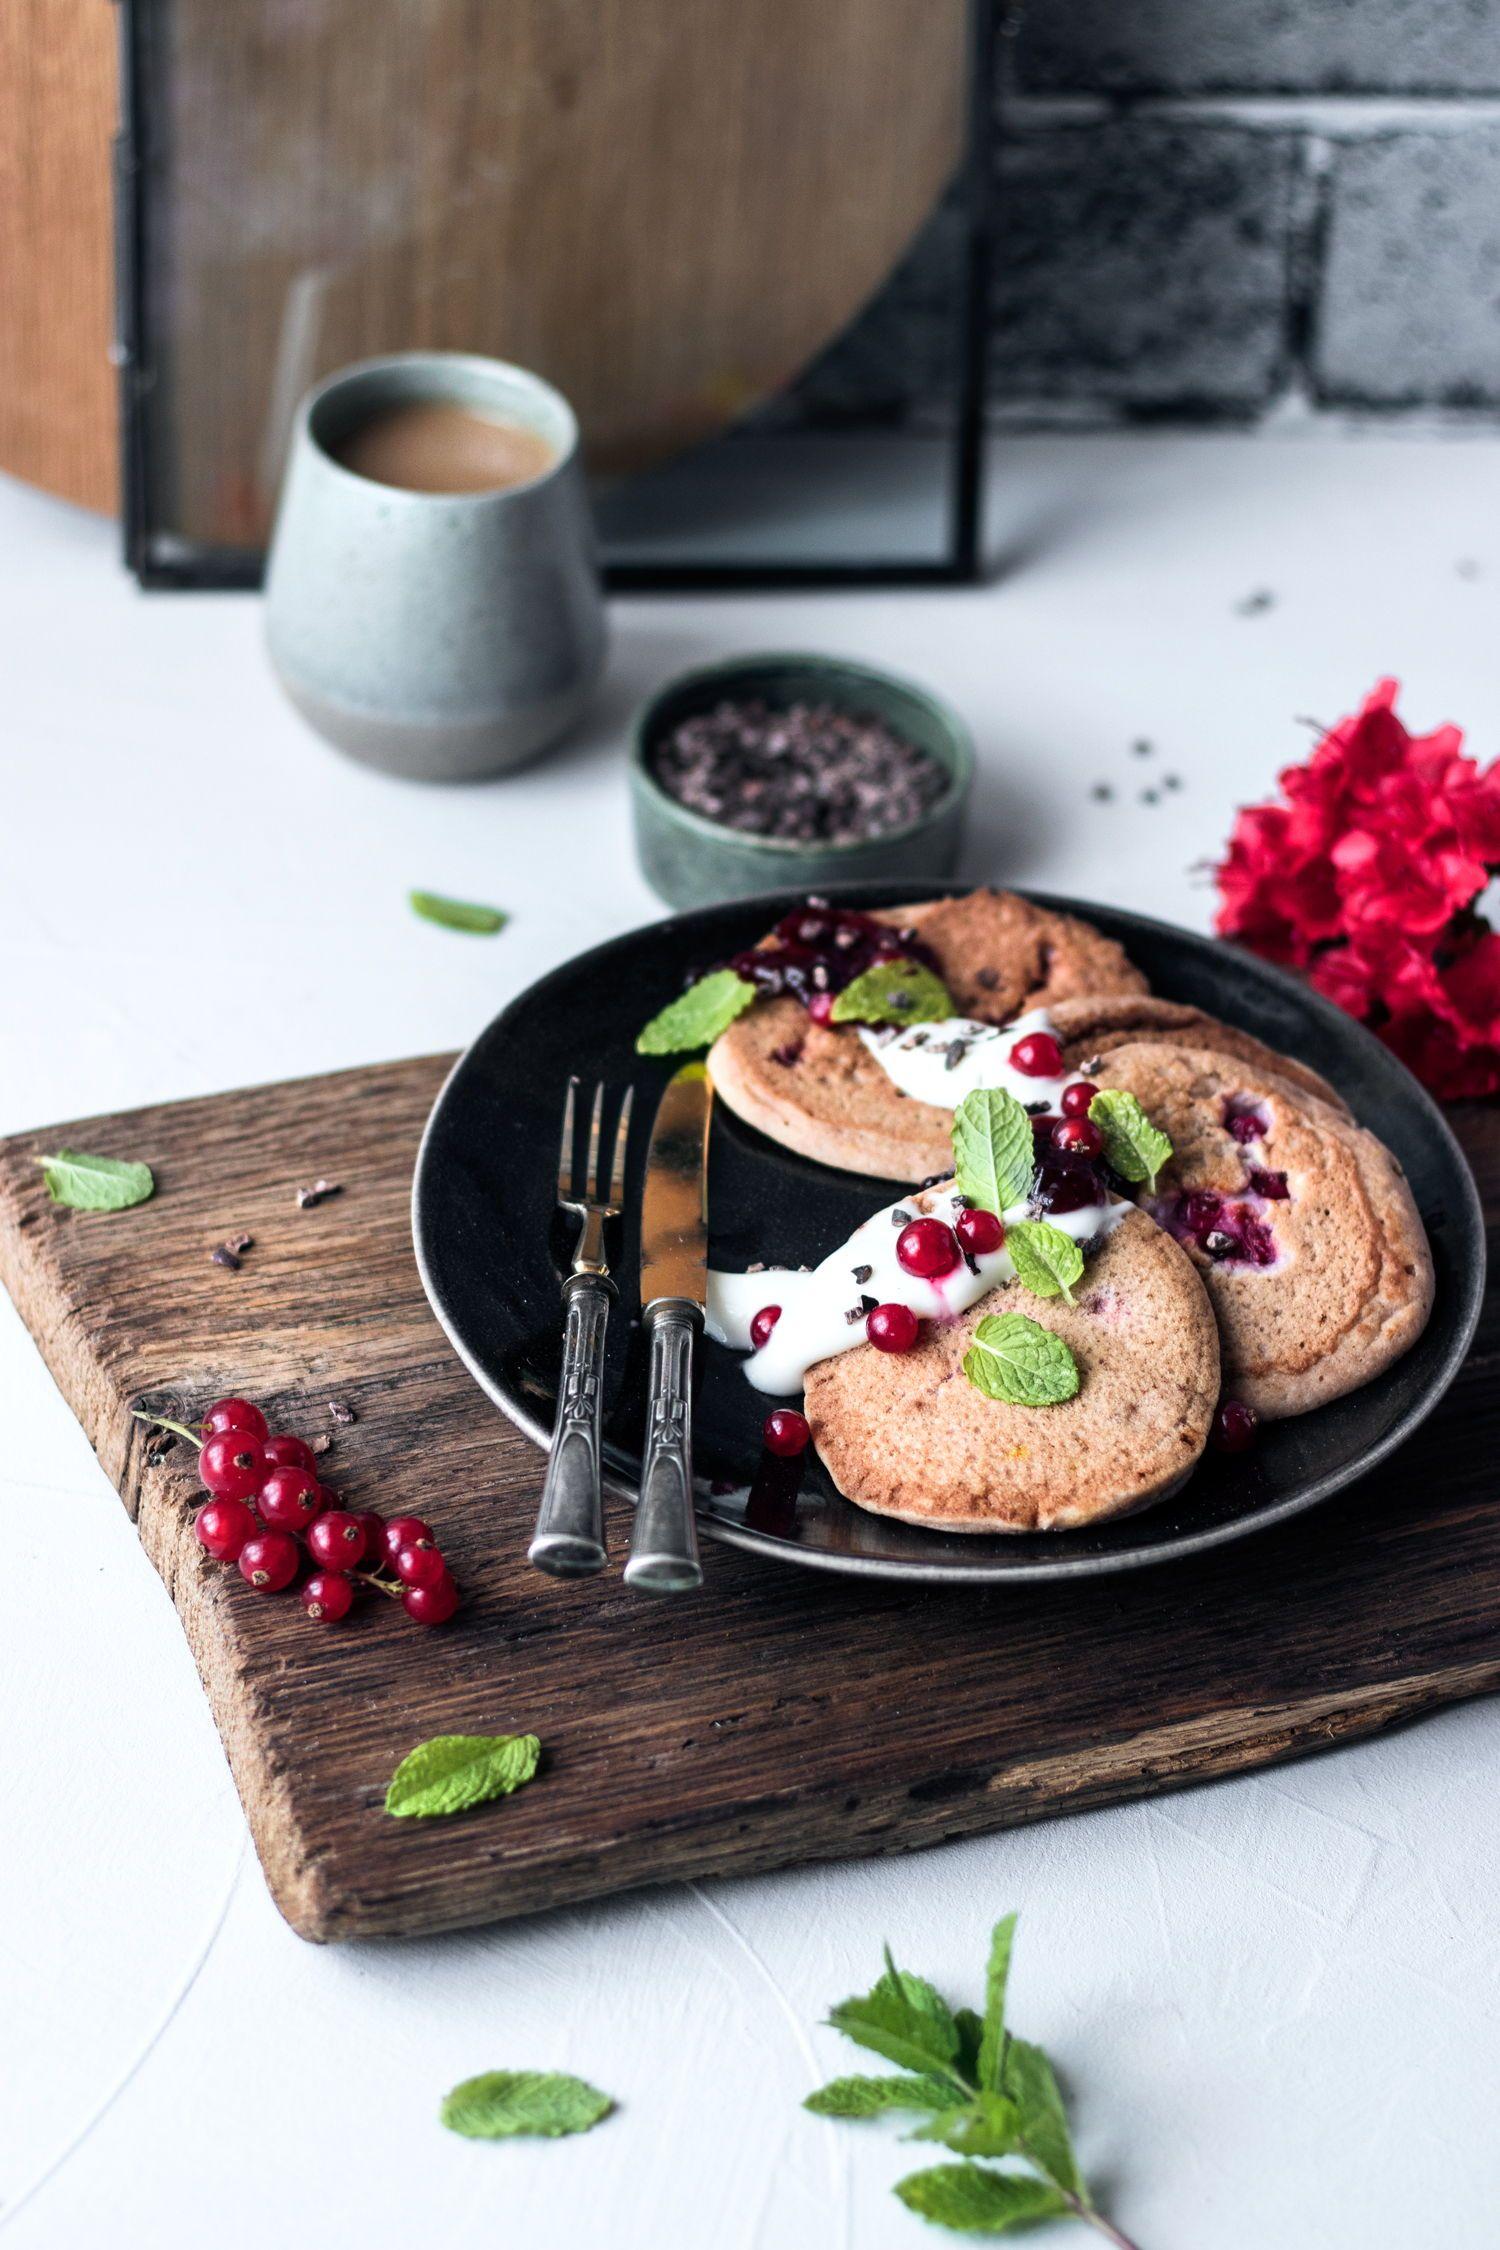 glutenfreie Johannisbeer-Pancakes ohne Eier und Hefe (vegan)